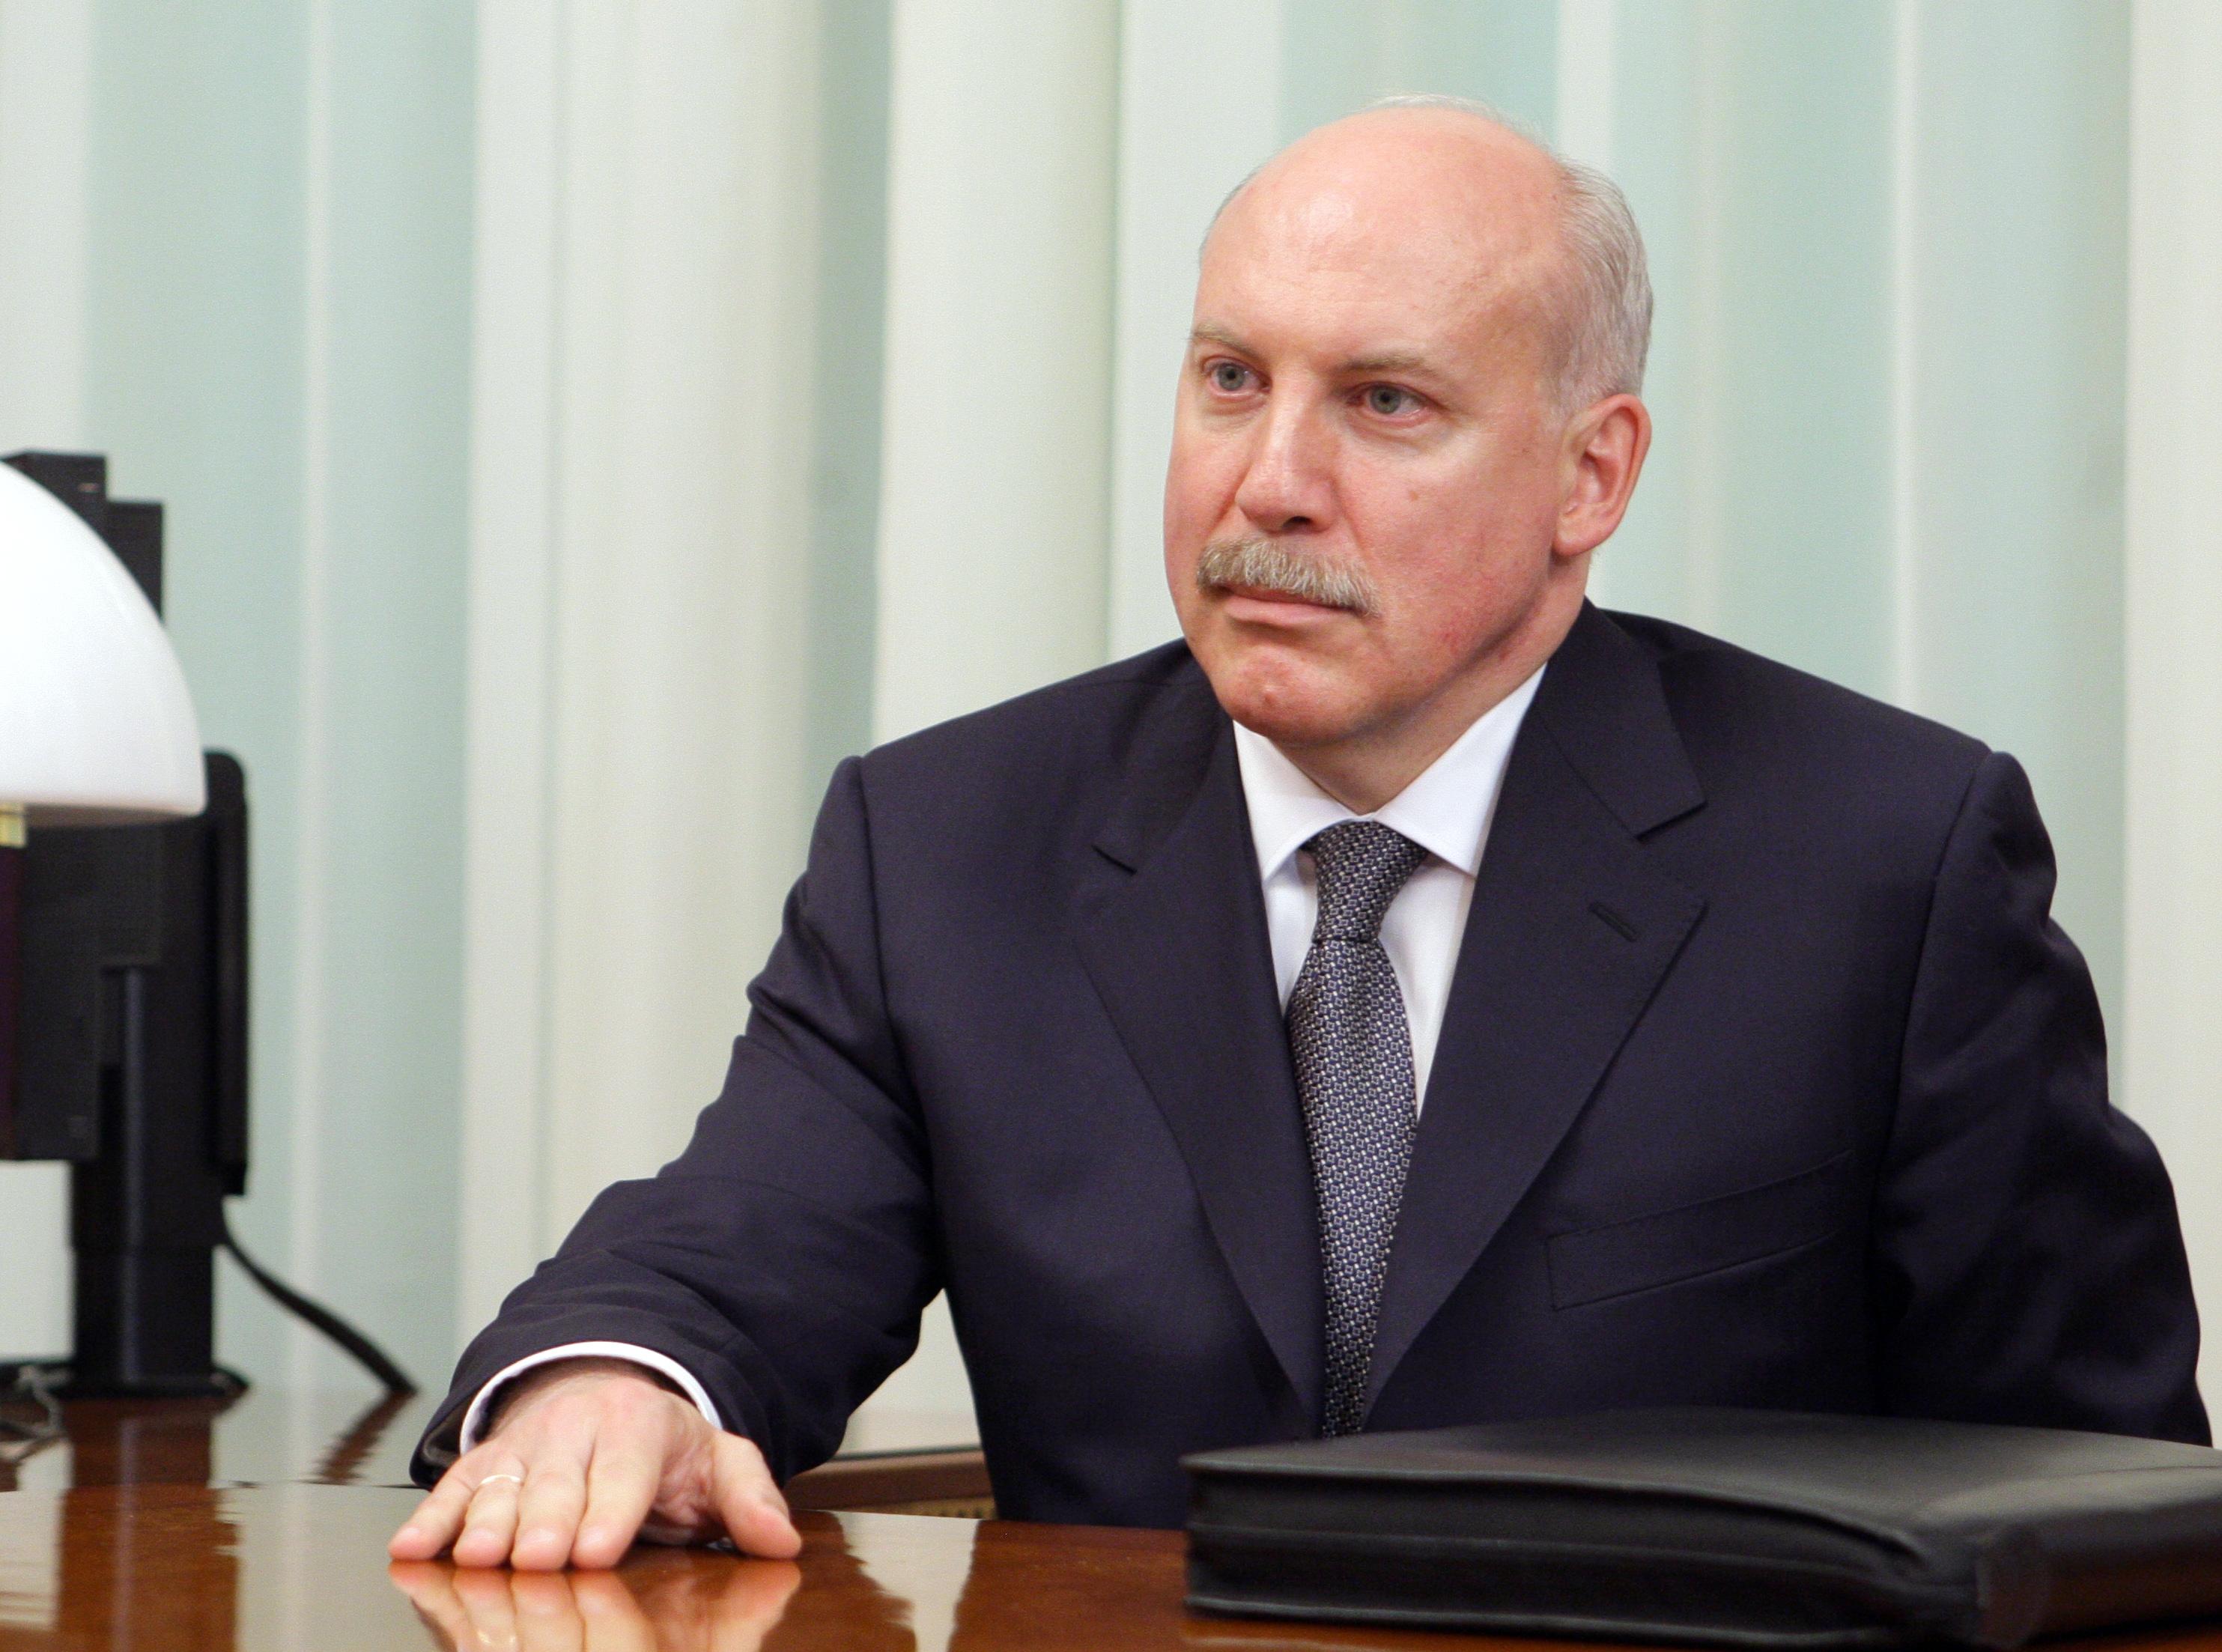 File:Dmitry Mezentsev, July 2011.jpeg - Wikimedia Commons